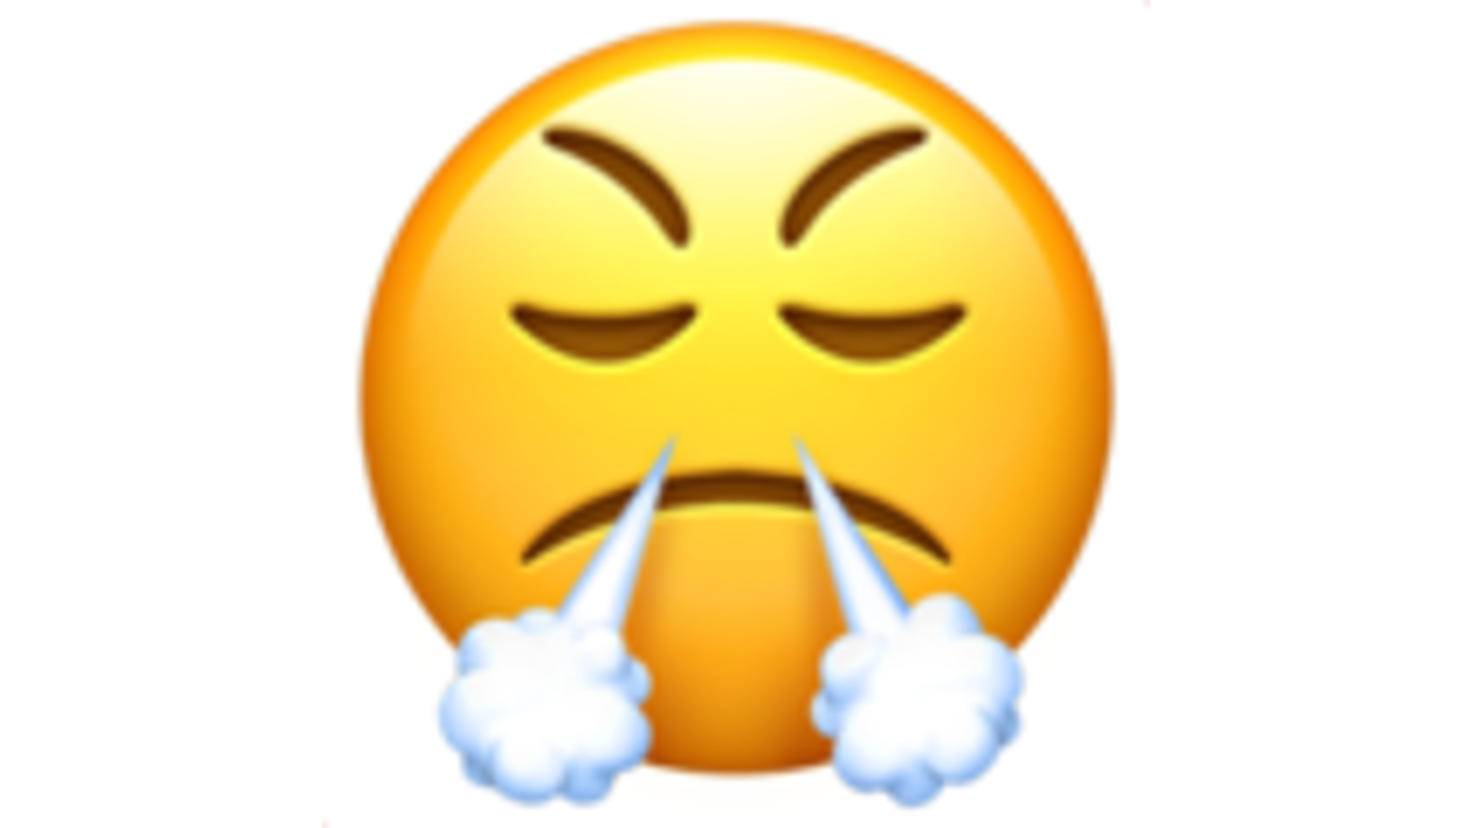 Triumph-Emoji